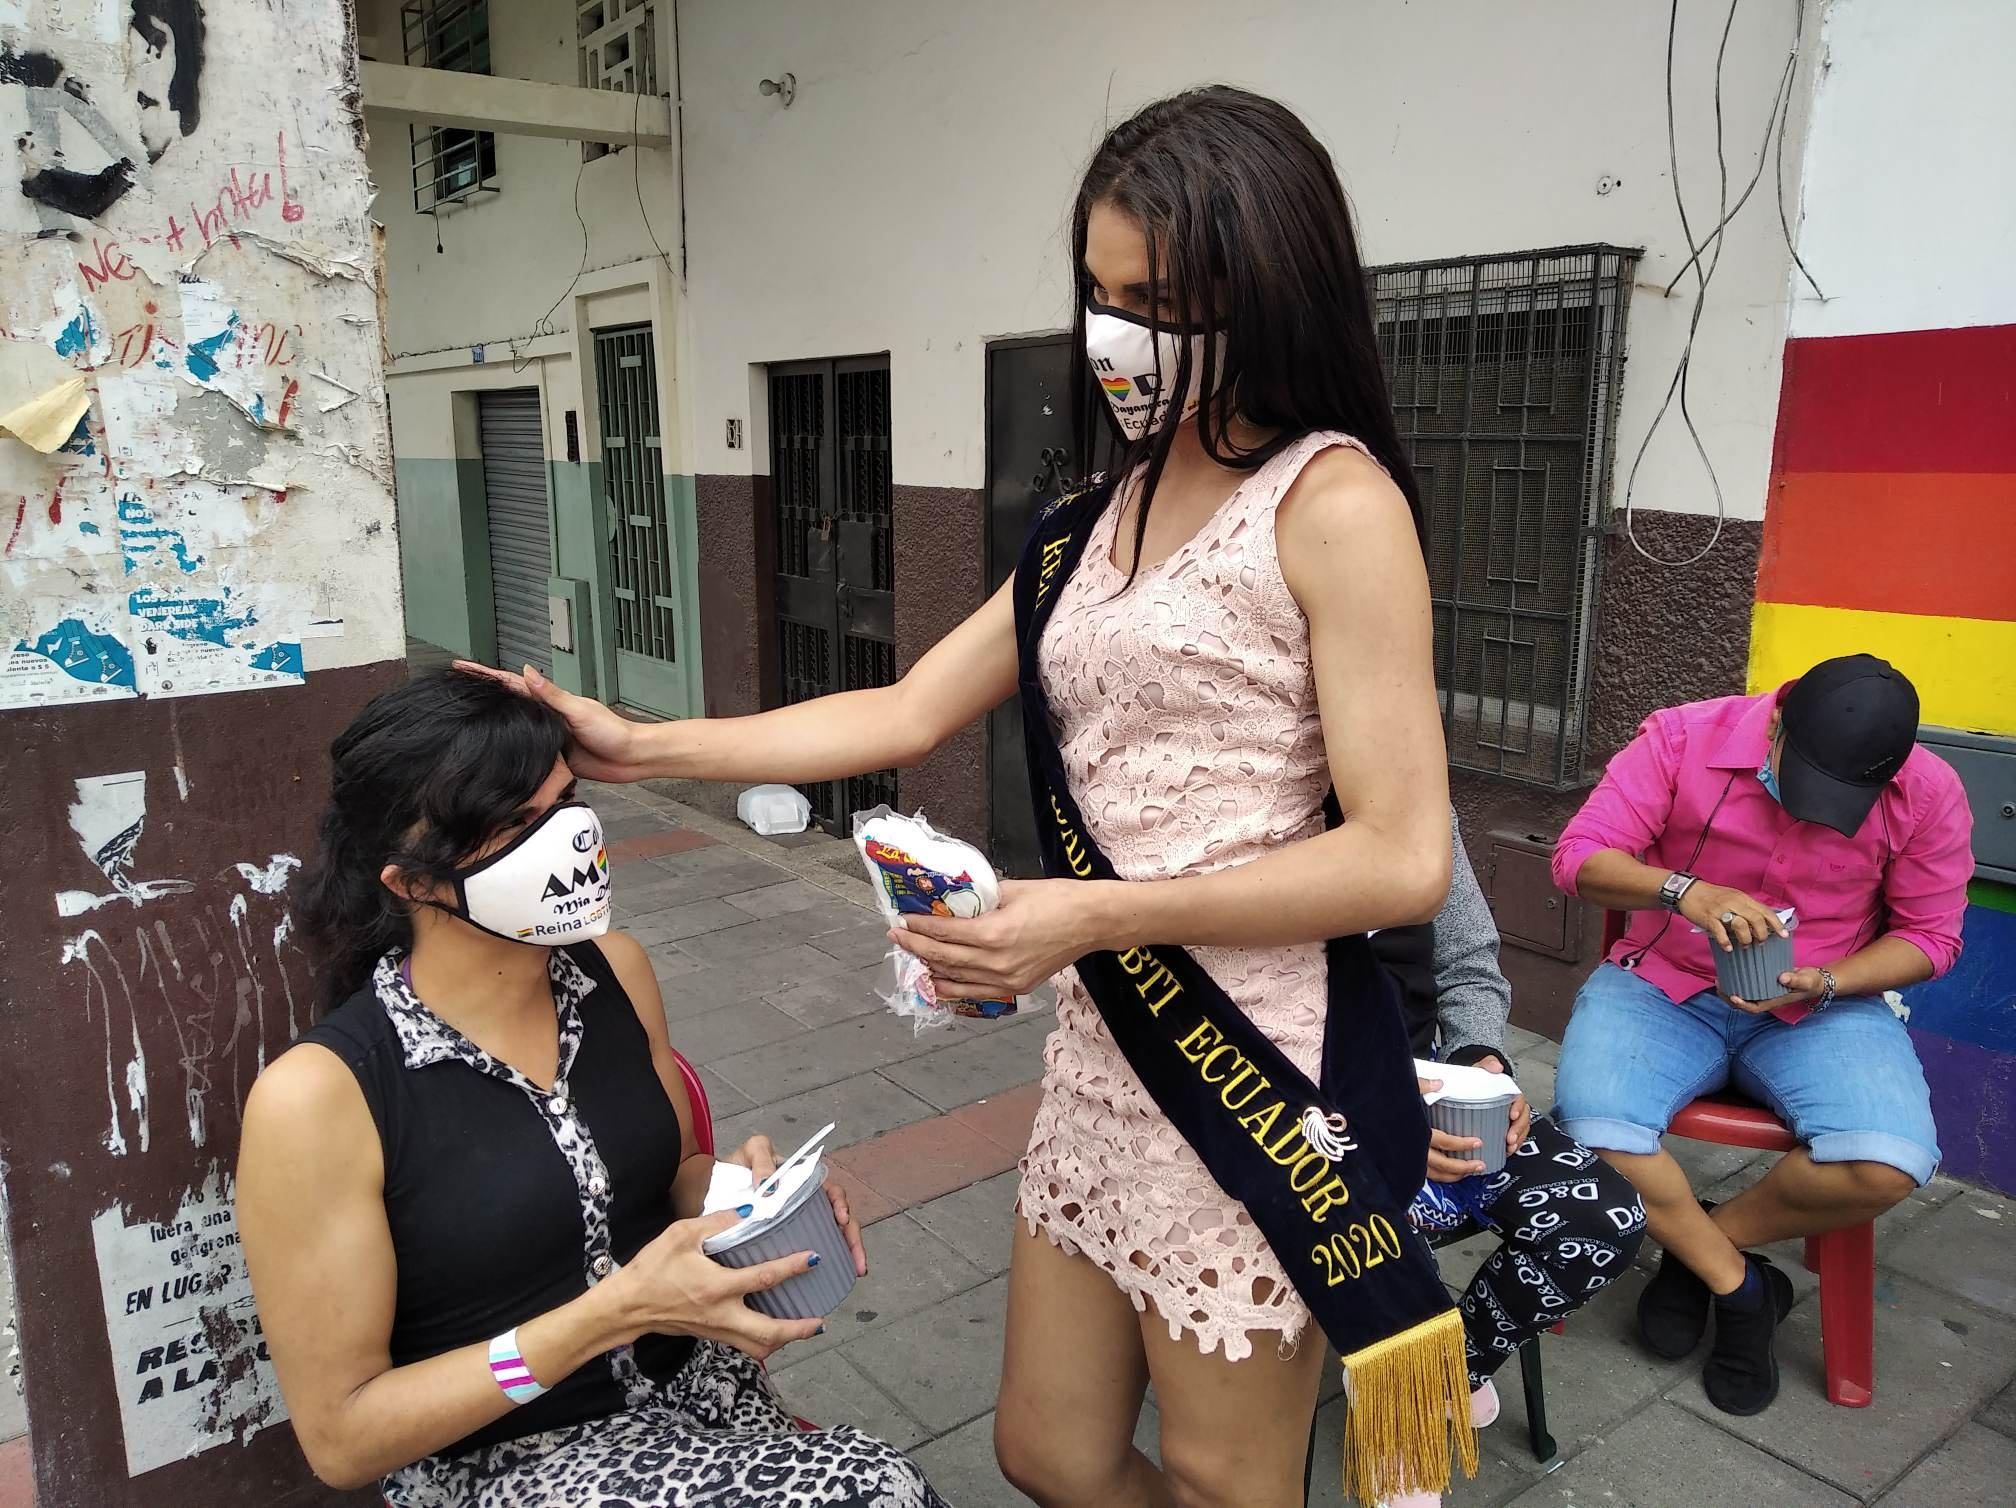 Inauguración del Primer Comedor Comunitario Trans en Guayaquil - Ecuador iniciativa de la Asociación Silueta X (6)